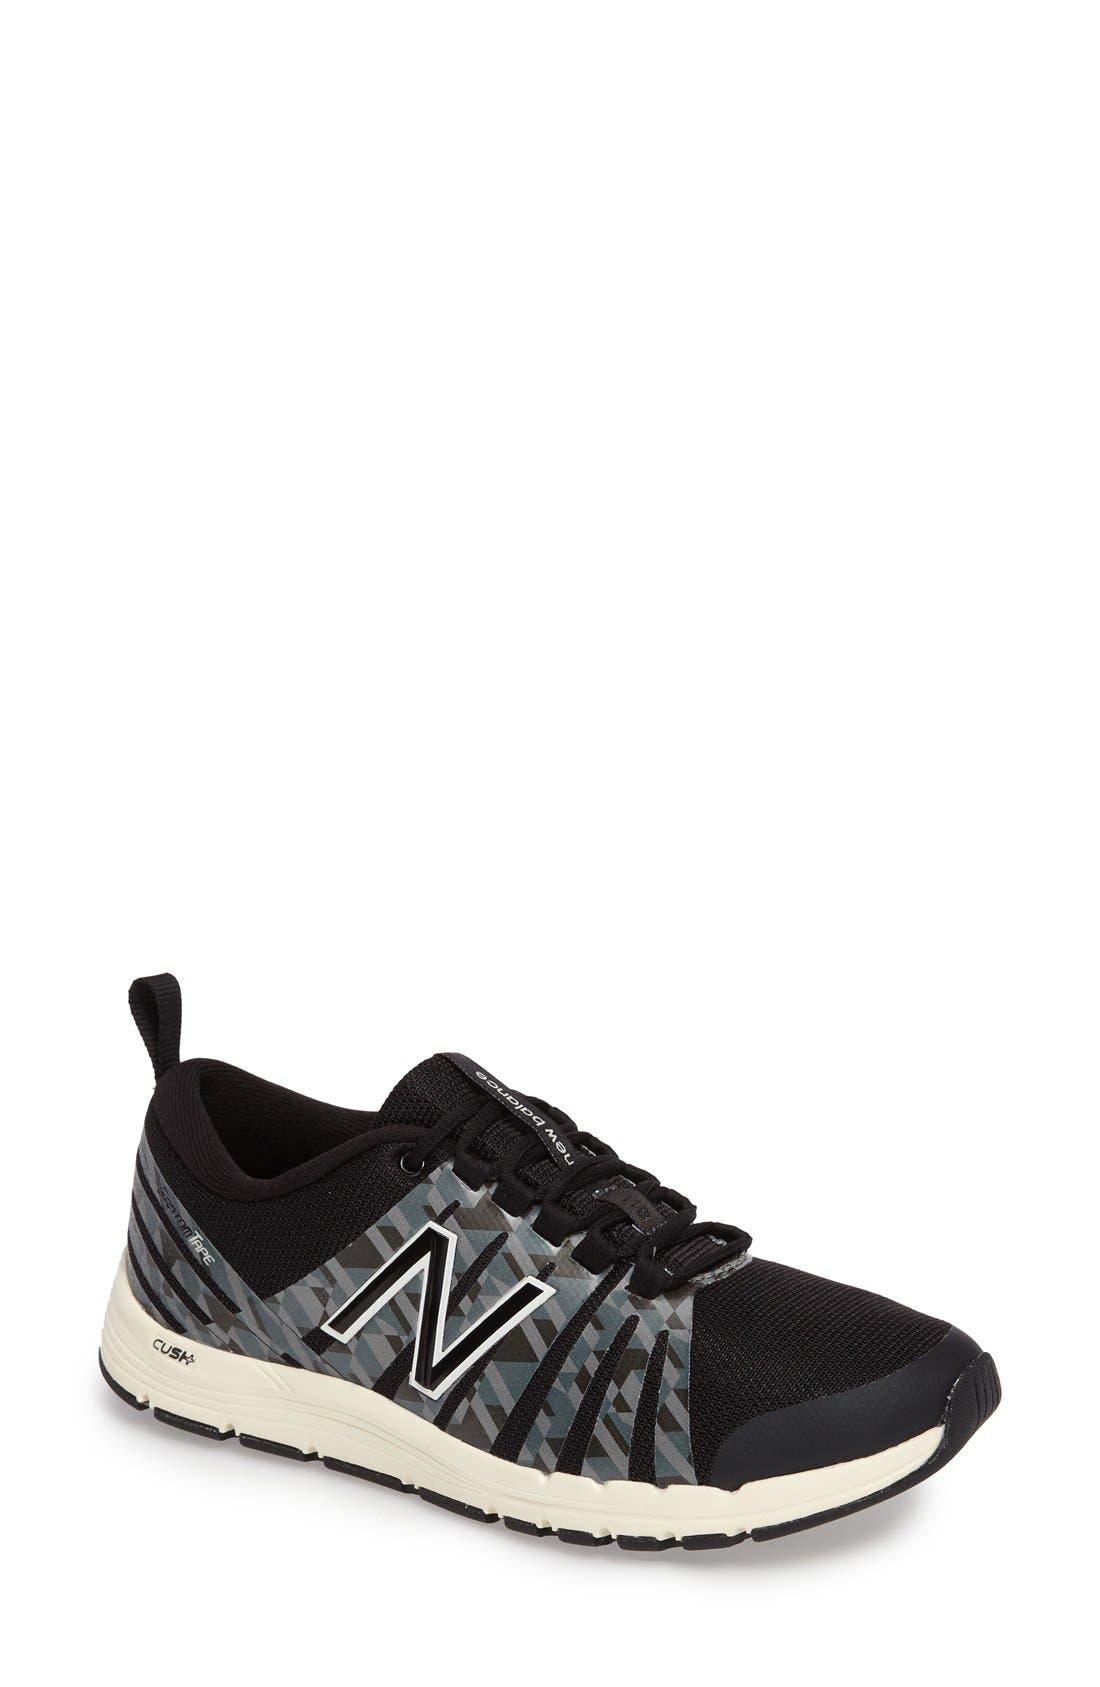 Alternate Image 1 Selected - New Balance WX811FC Training Shoe (Women)